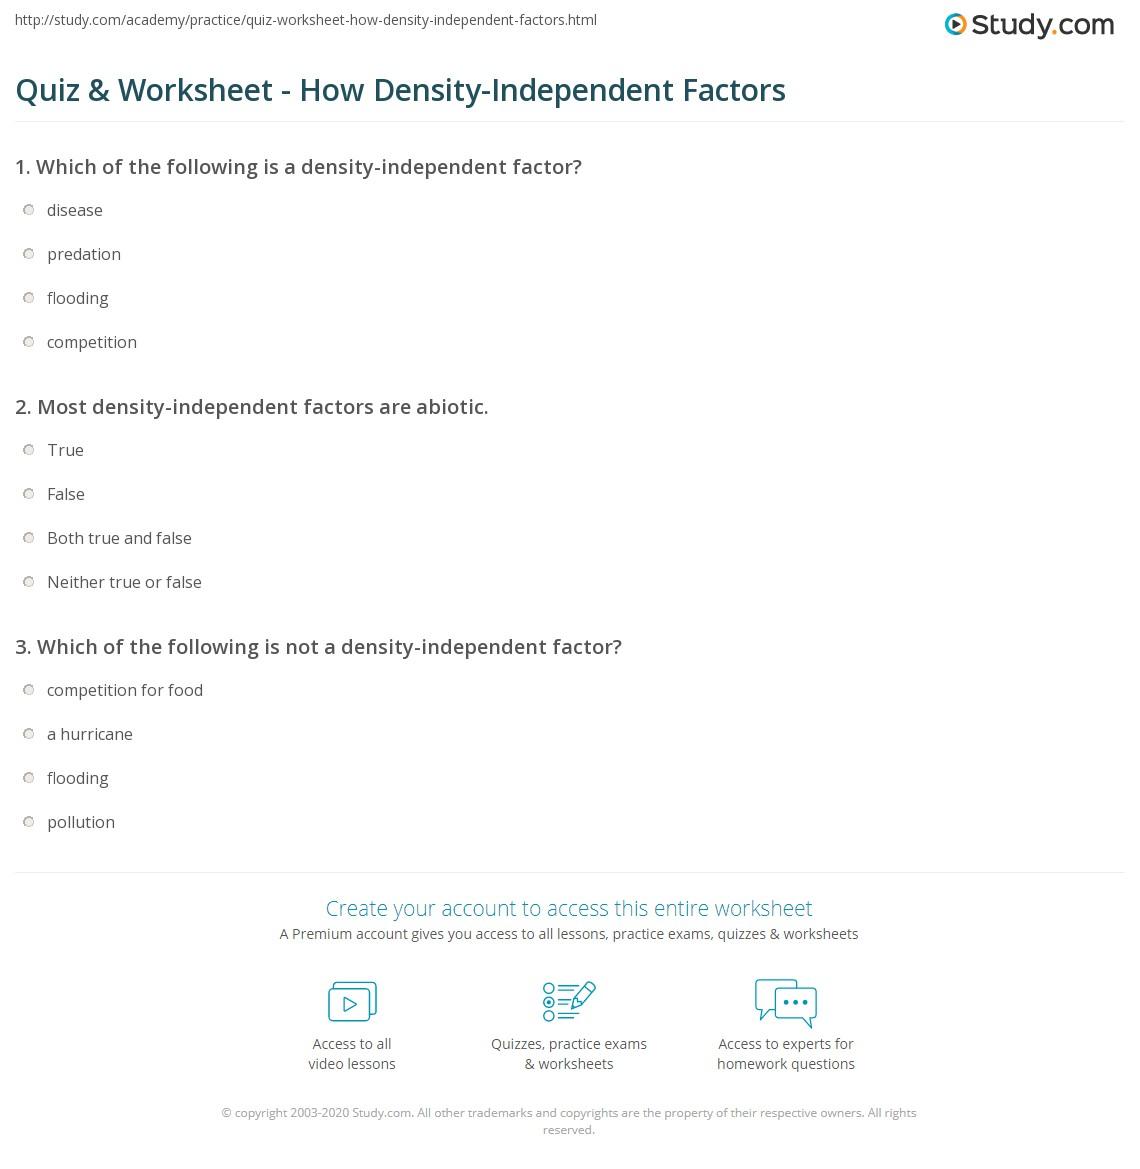 Quiz Worksheet How Density Independent Factors Study